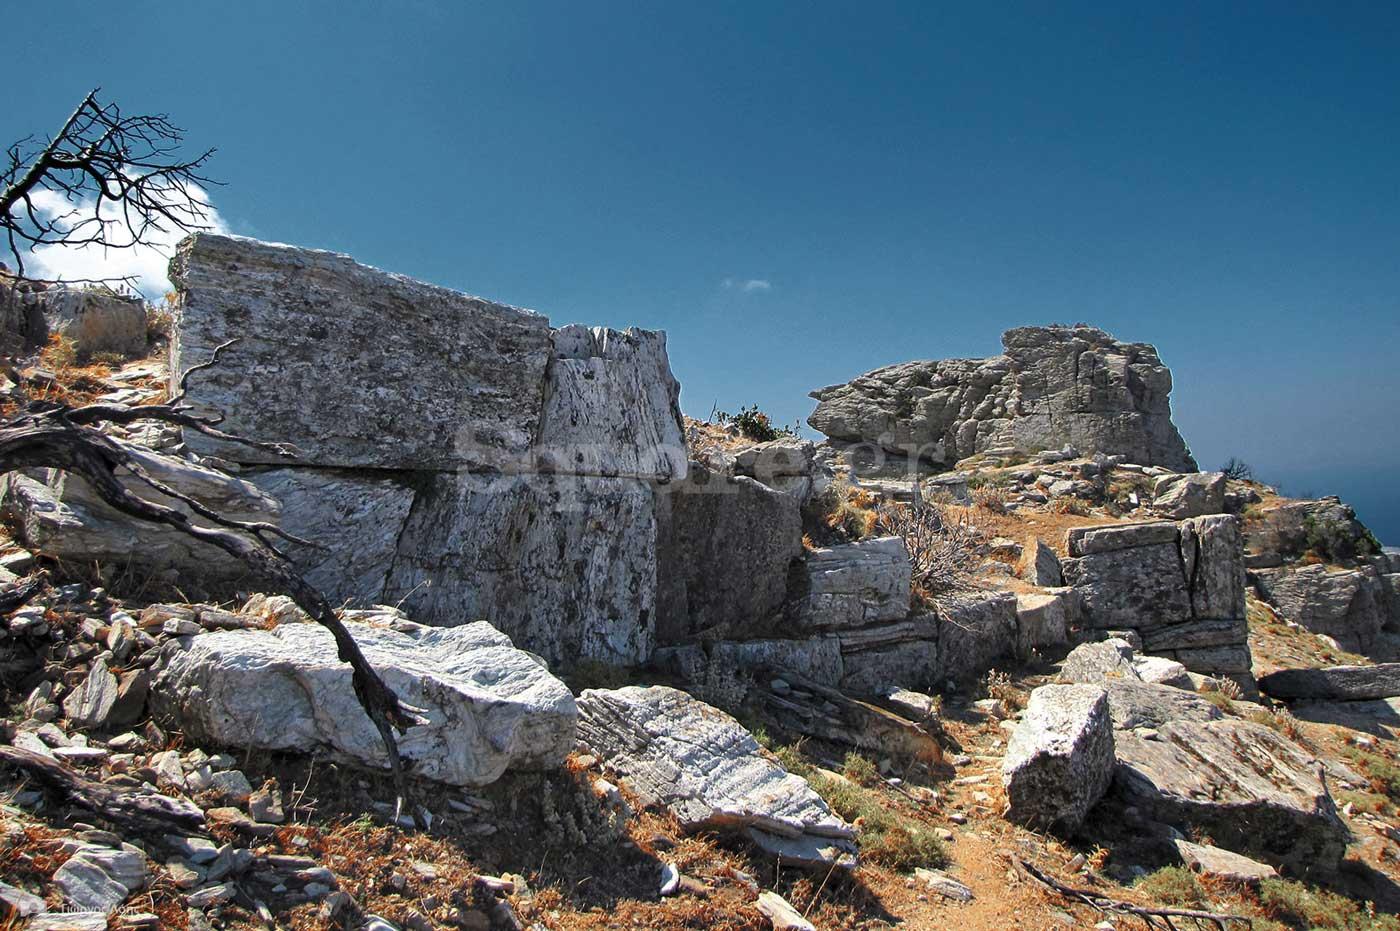 6-Τμήμα-των-σωζόμενων-αρχαίων-τειχών-της-Δρυοπικής-ακρόπολης-των-Στυρών